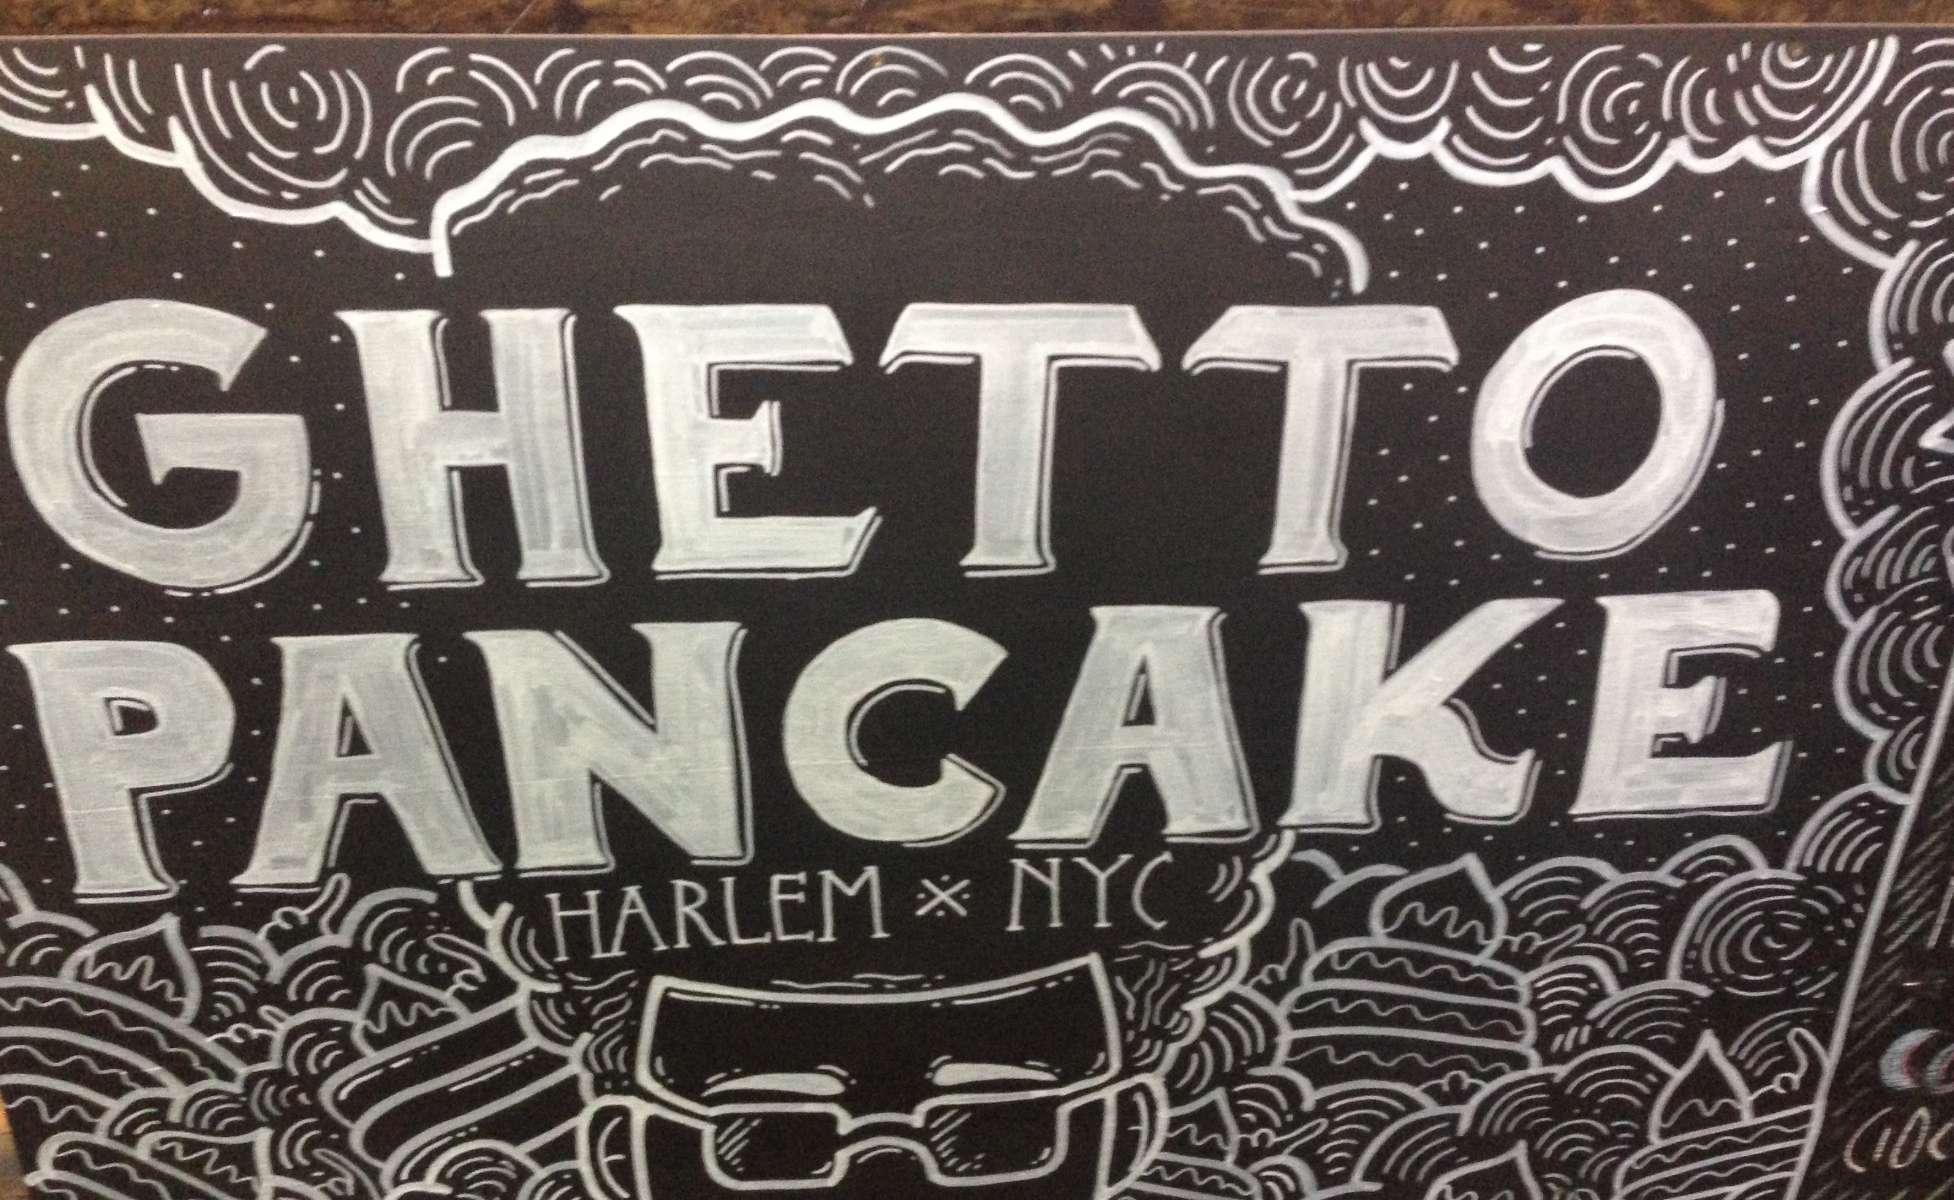 Che buoni i pancake... un po' meno italiani, ma golosissimi!